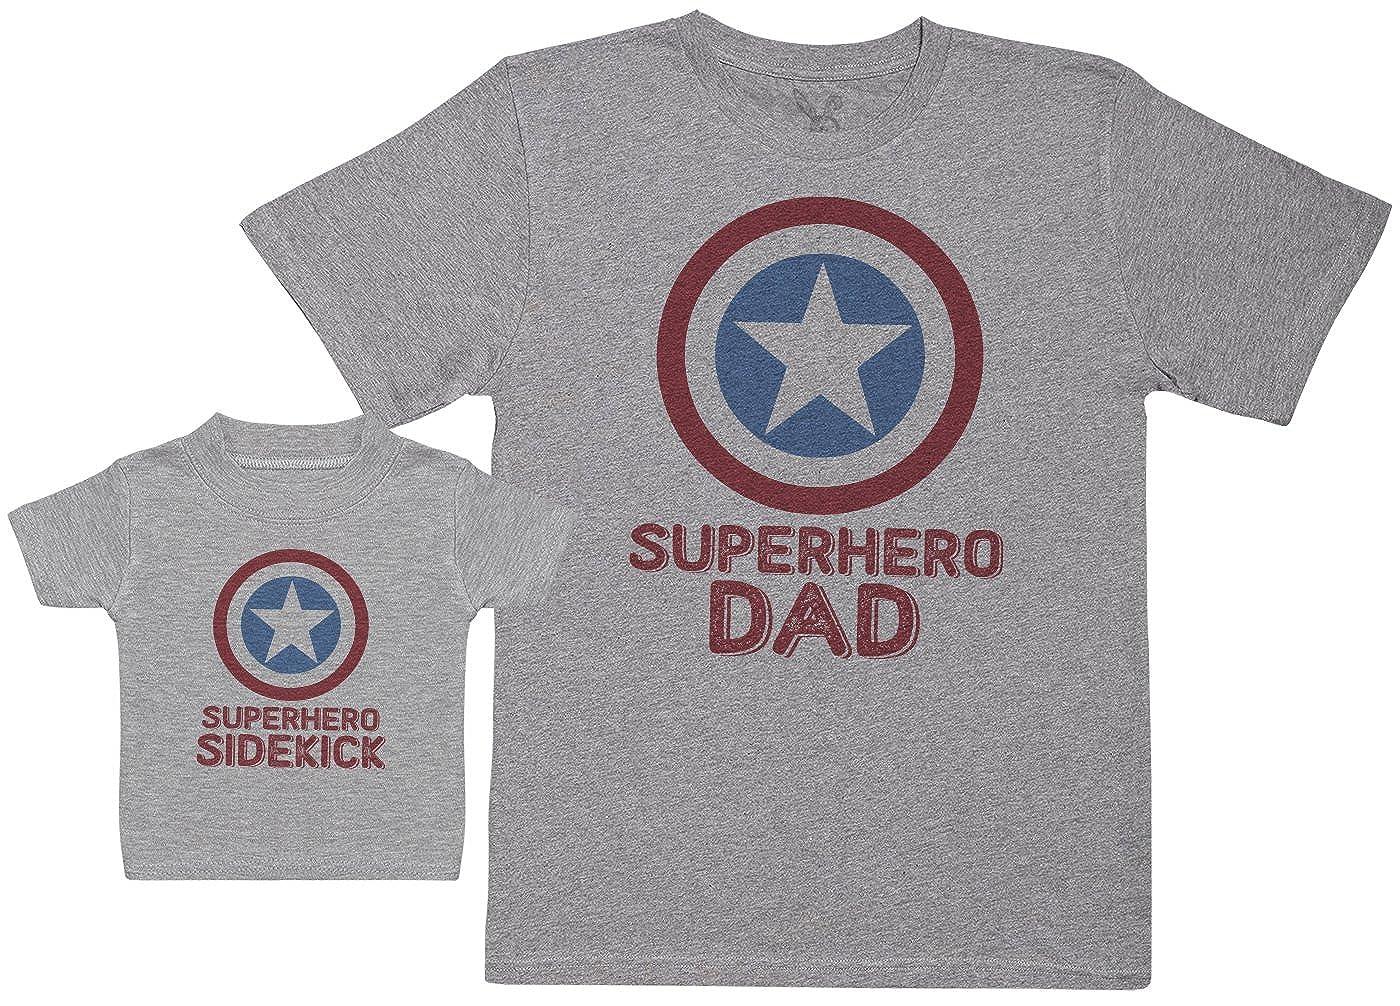 Regalo para Padres y beb/és en un Camiseta para beb/és y una Camiseta de Hombre a Juego Baby Bunny Superhero Sidekick